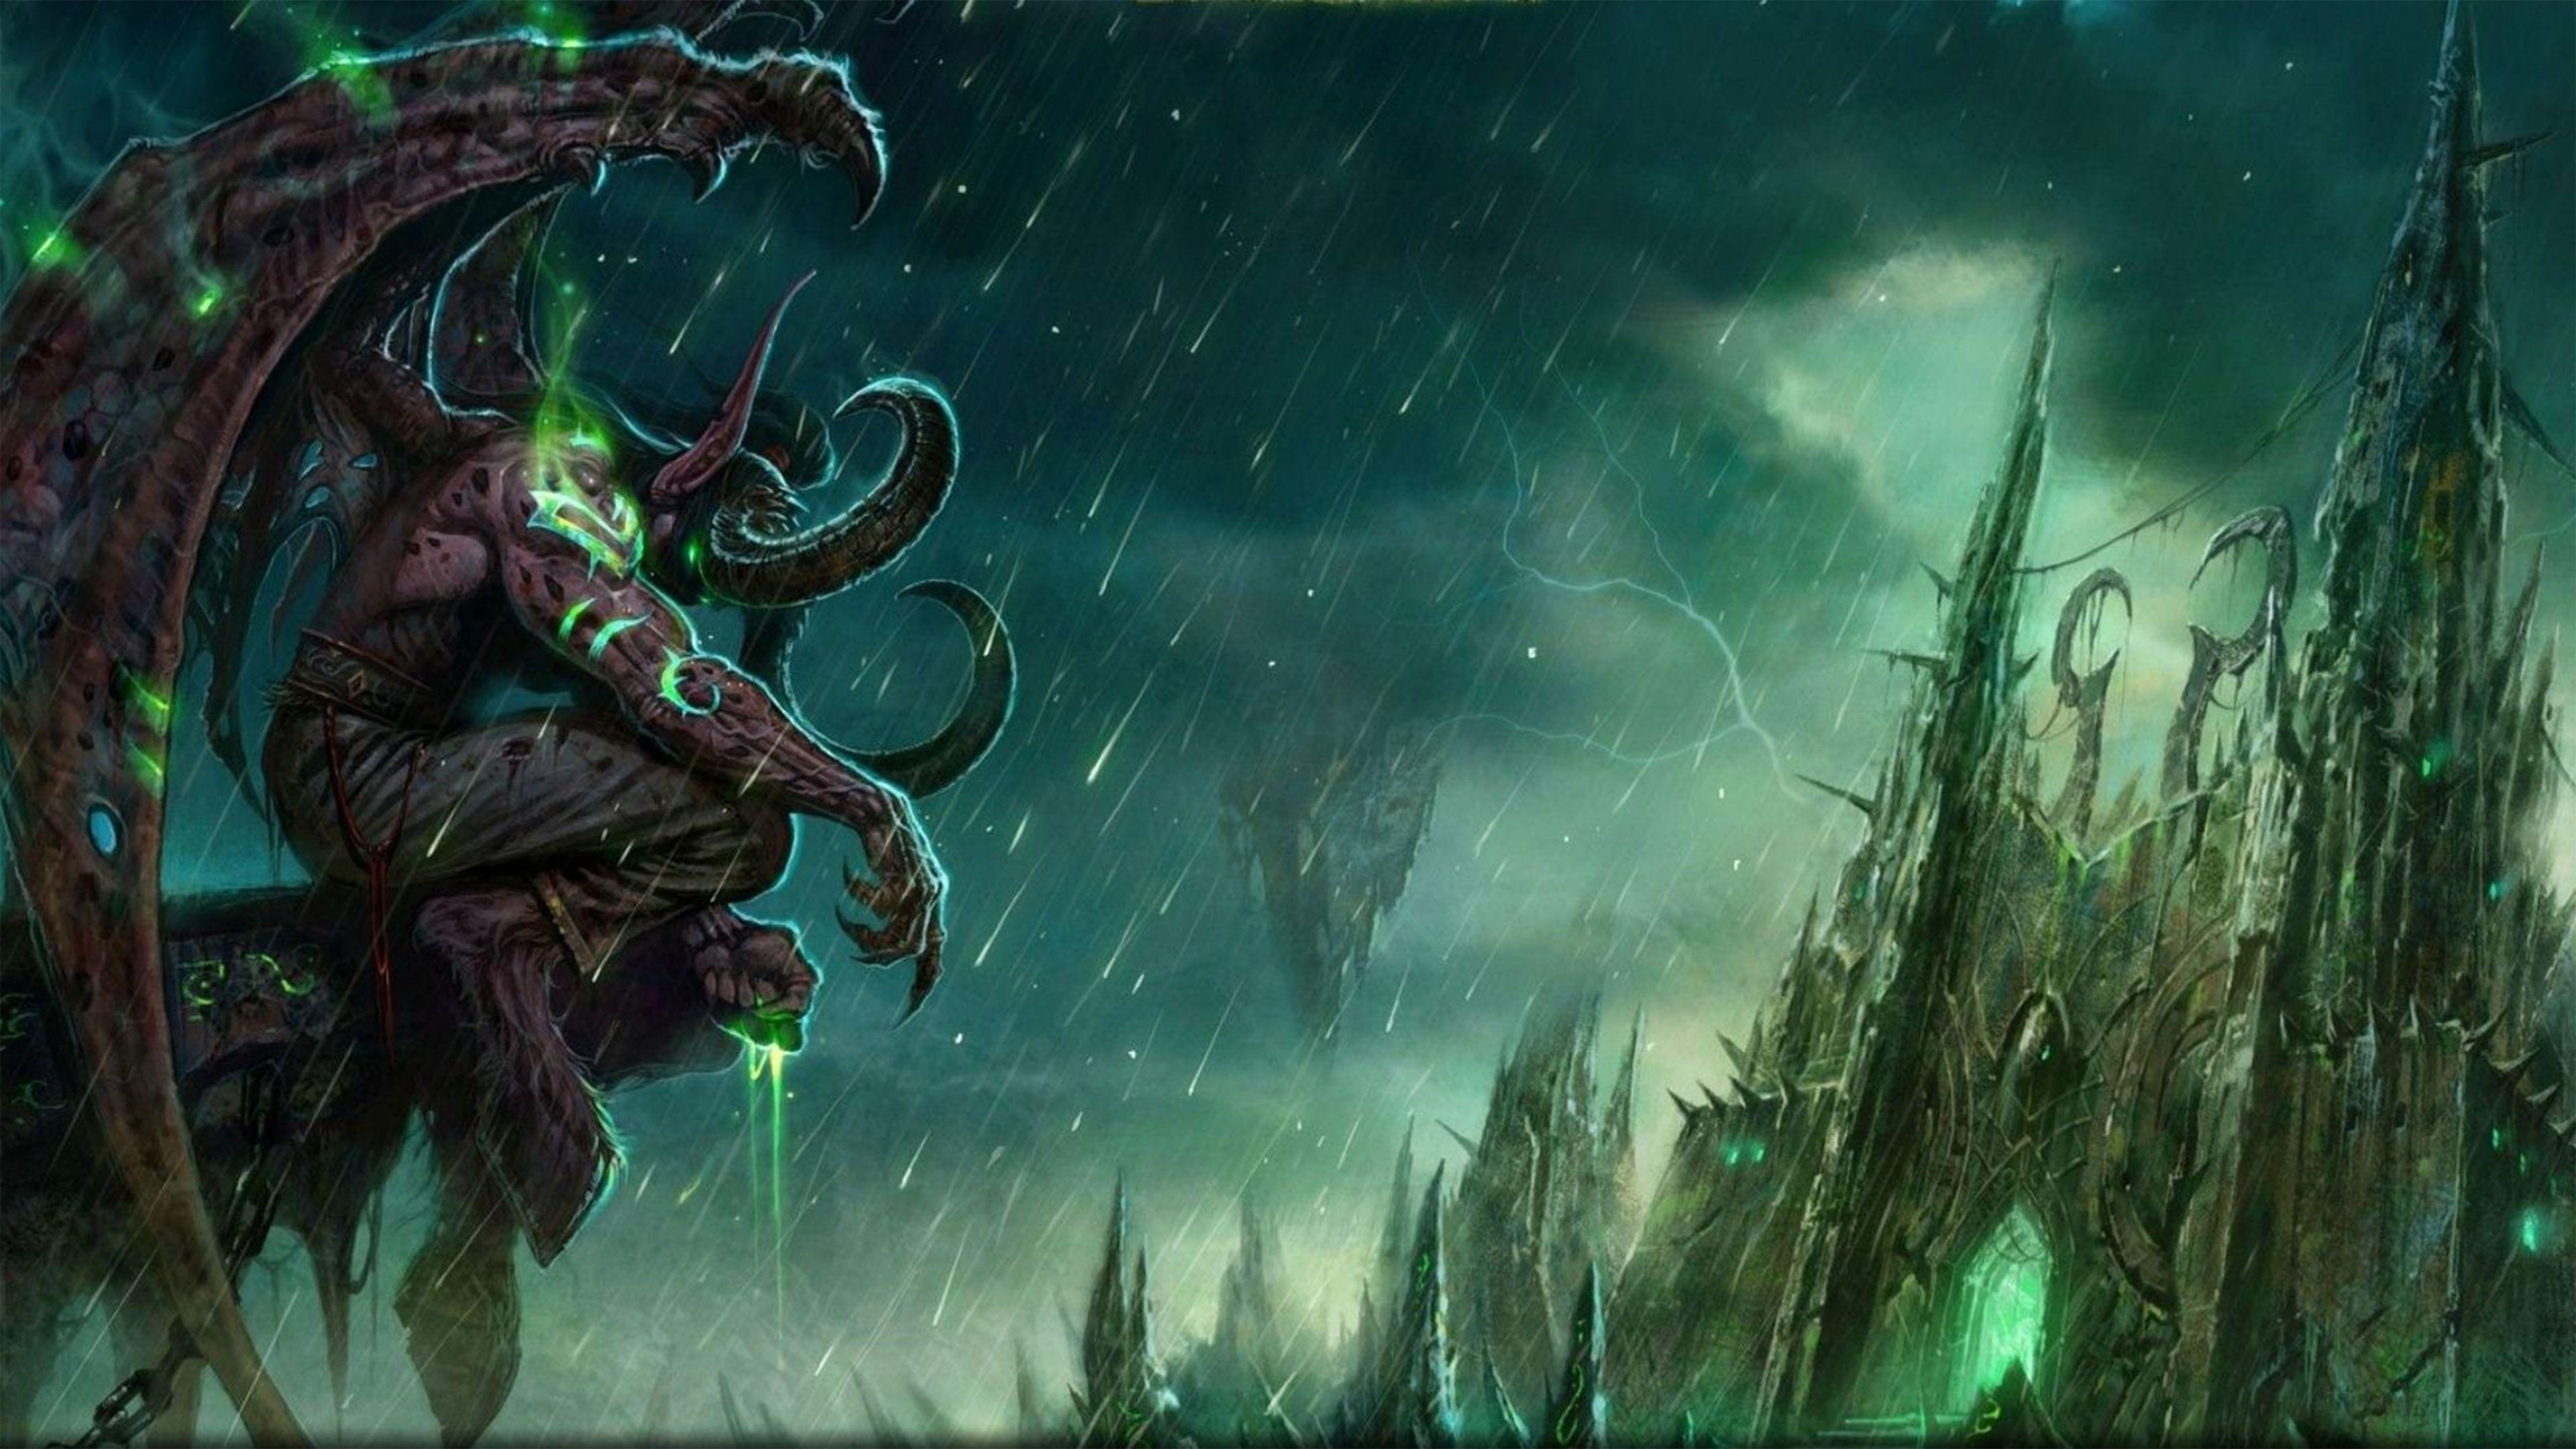 World Of Warcraft Legion Wallpapers In Ultra Hd 4k En 2019